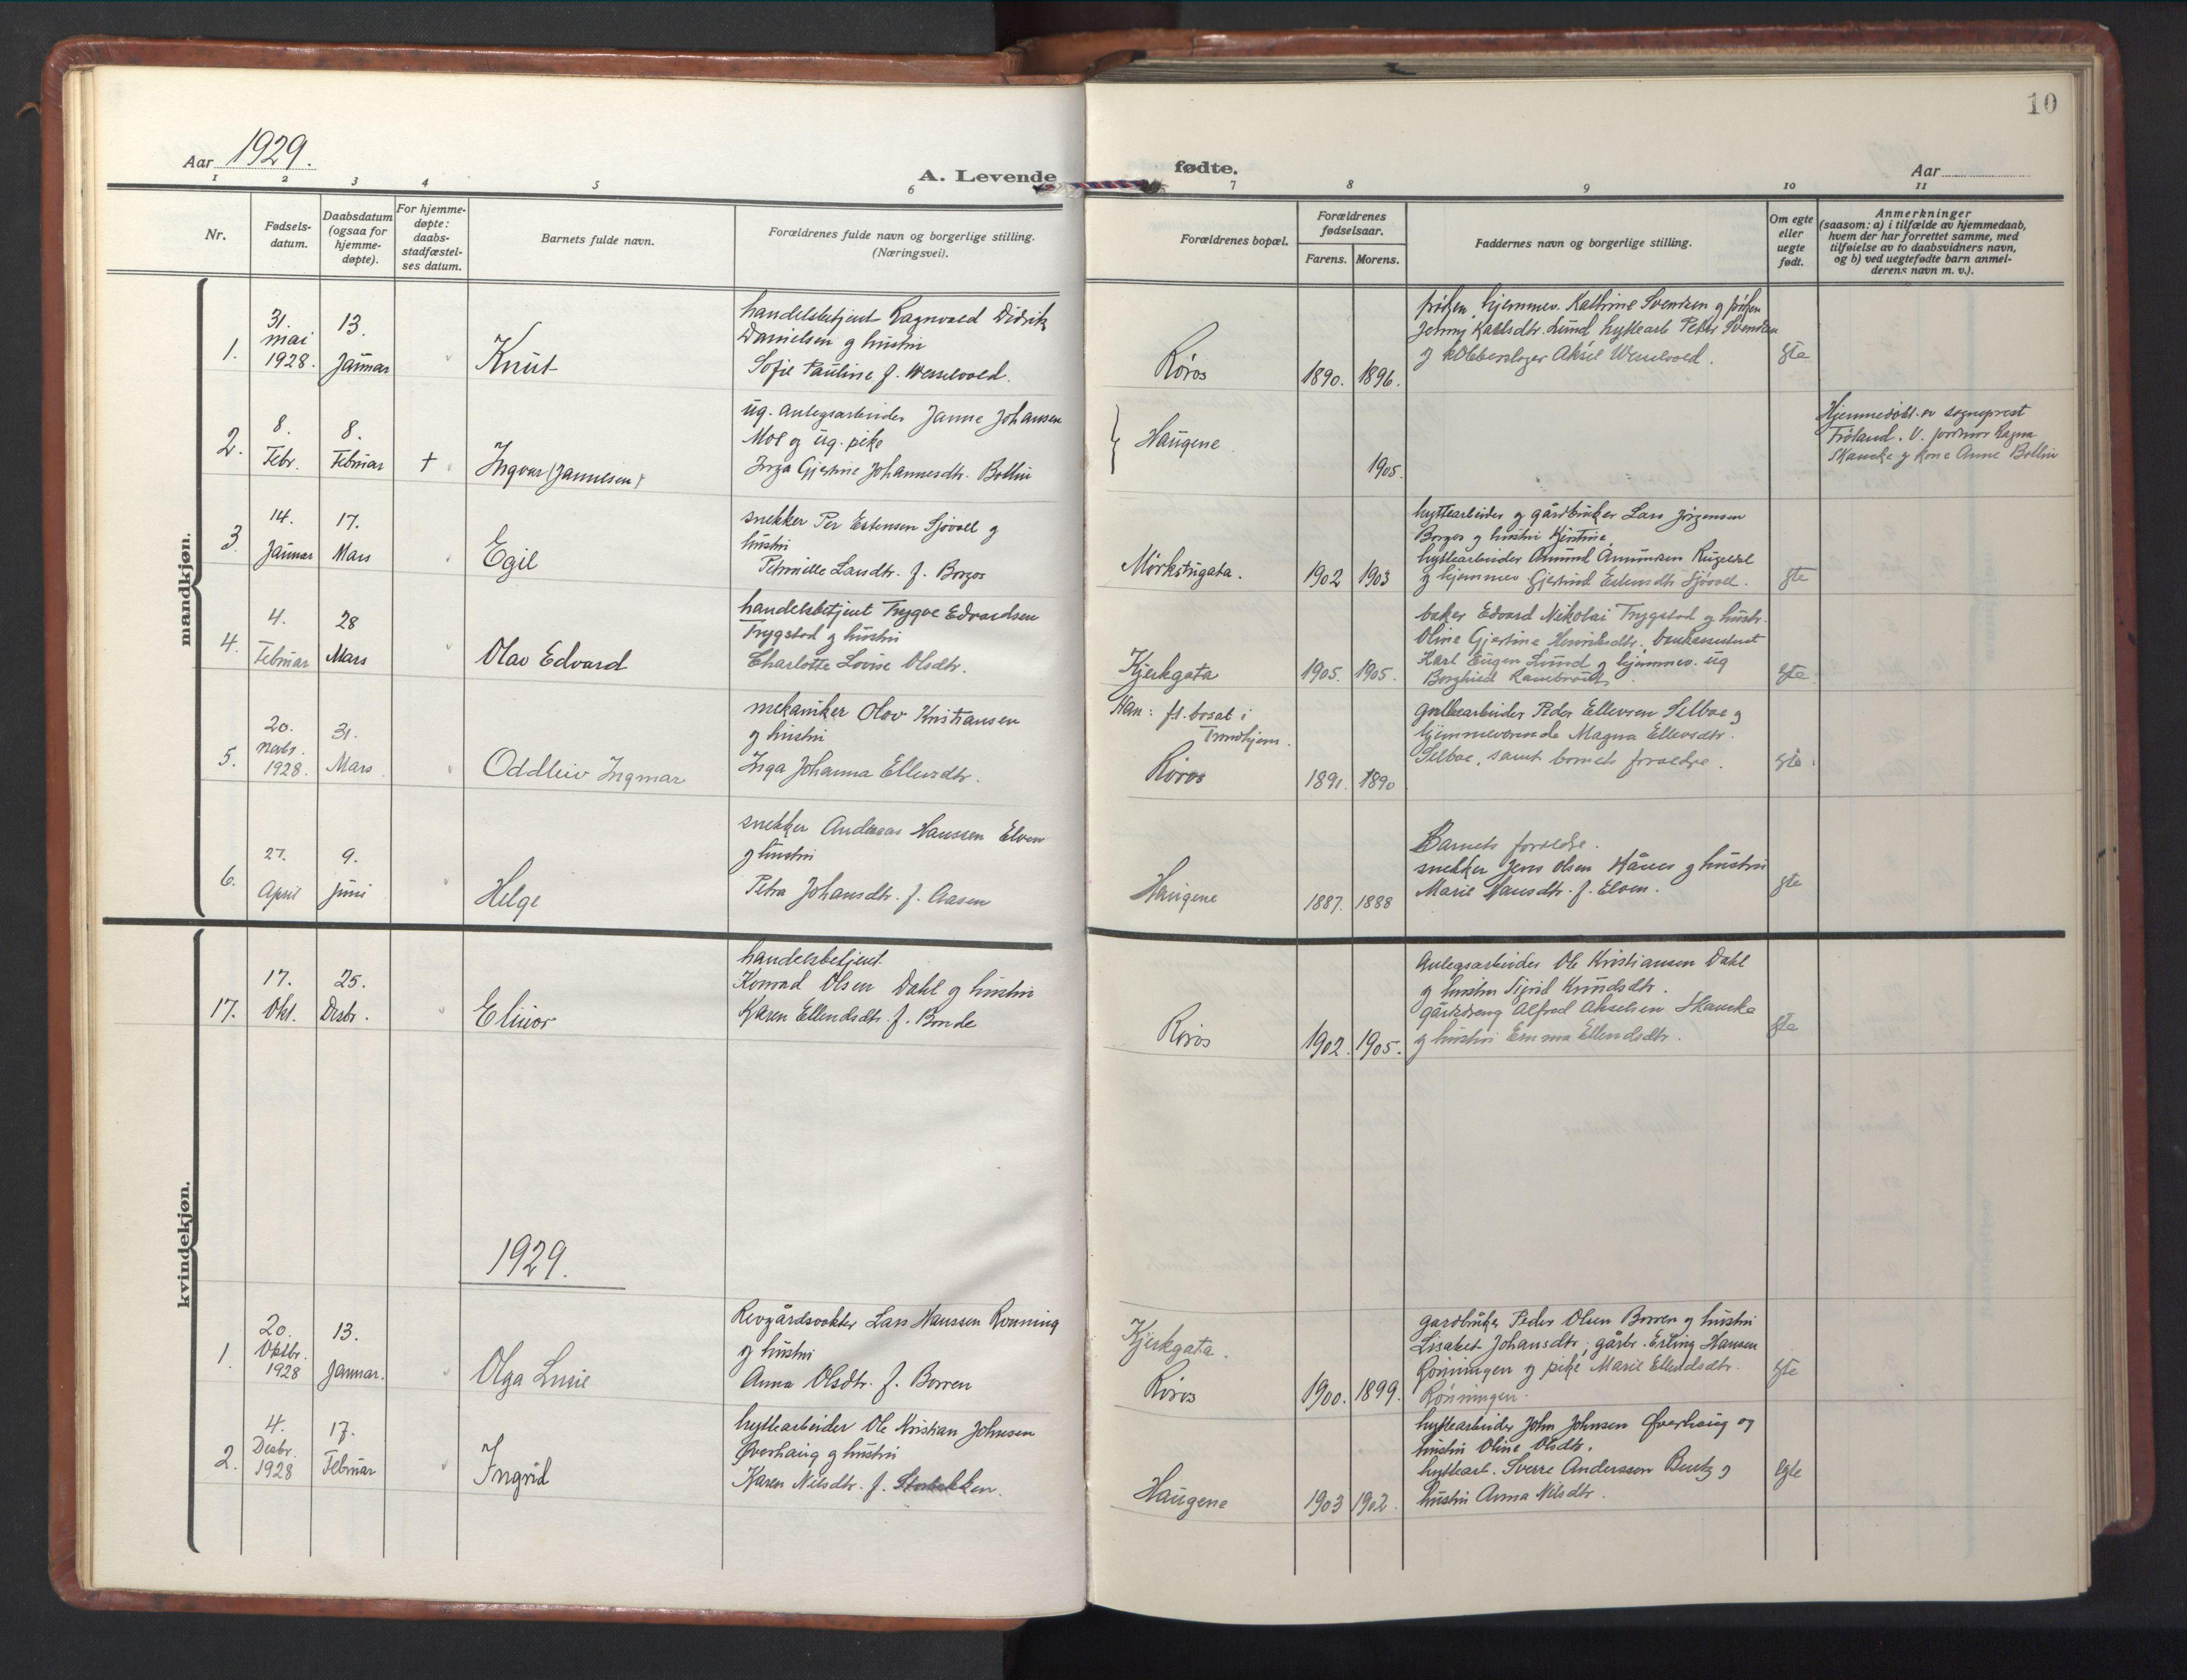 SAT, Ministerialprotokoller, klokkerbøker og fødselsregistre - Sør-Trøndelag, 681/L0943: Klokkerbok nr. 681C07, 1926-1954, s. 10